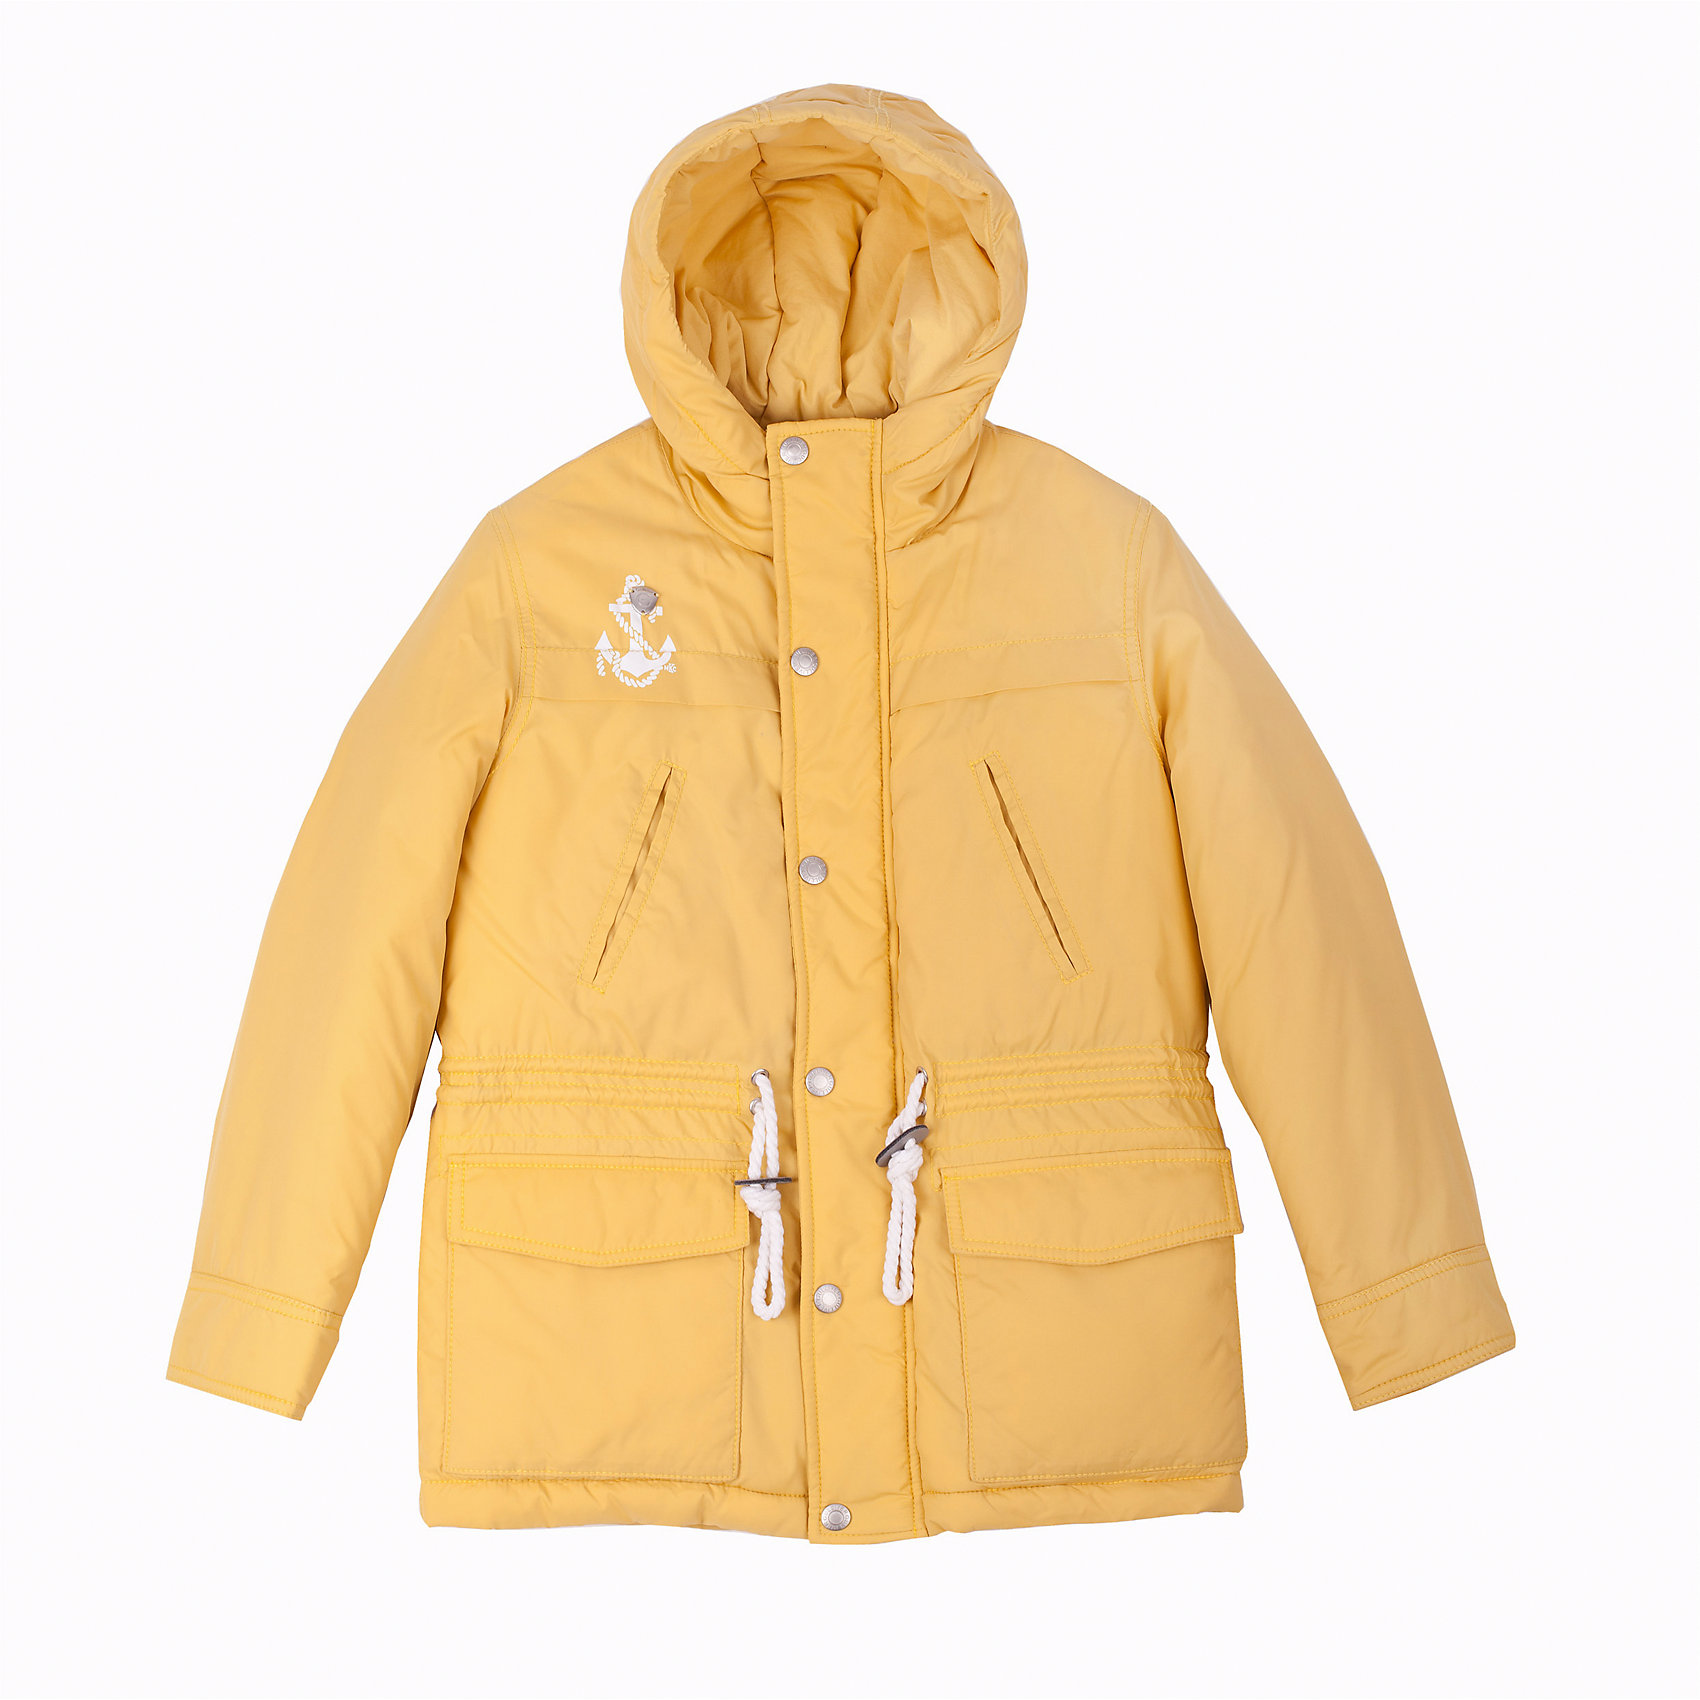 Куртка для мальчика GulliverВерхняя одежда<br>Яркая куртка-парка для мальчика - трендовая вещь сезона Весна/Лето 2016! Утепленная желтая куртка подарит уют и комфорт при неустойчивой весенней погоде, а также создаст по-настоящему солнечное настроение! Оригинальный дизайн, модный крой, продуманные функциональные детали делают куртку нужным, важным, необходимым элементом модного мальчикового гардероба в стиле casual! Если вы решили обновить весенний гардероб, начните с верхней одежды! Вам стоит купить эту куртку, чтобы сделать каждый день ребенка радостным и комфортным! Интересный занимательный принт на спинке, настрочные шевроны, выразительная брендированная фурнитура наверняка понравятся современному мальчику. Модная весенняя куртка на синтепоне - основа стильного позитивного образа!<br>Состав:<br>верх: 100% нейлон;  подкладка: 100% хлопок; утеплитель: 100% полиэстер<br><br>Ширина мм: 356<br>Глубина мм: 10<br>Высота мм: 245<br>Вес г: 519<br>Цвет: желтый<br>Возраст от месяцев: 72<br>Возраст до месяцев: 84<br>Пол: Мужской<br>Возраст: Детский<br>Размер: 122,128,140,134<br>SKU: 4534968